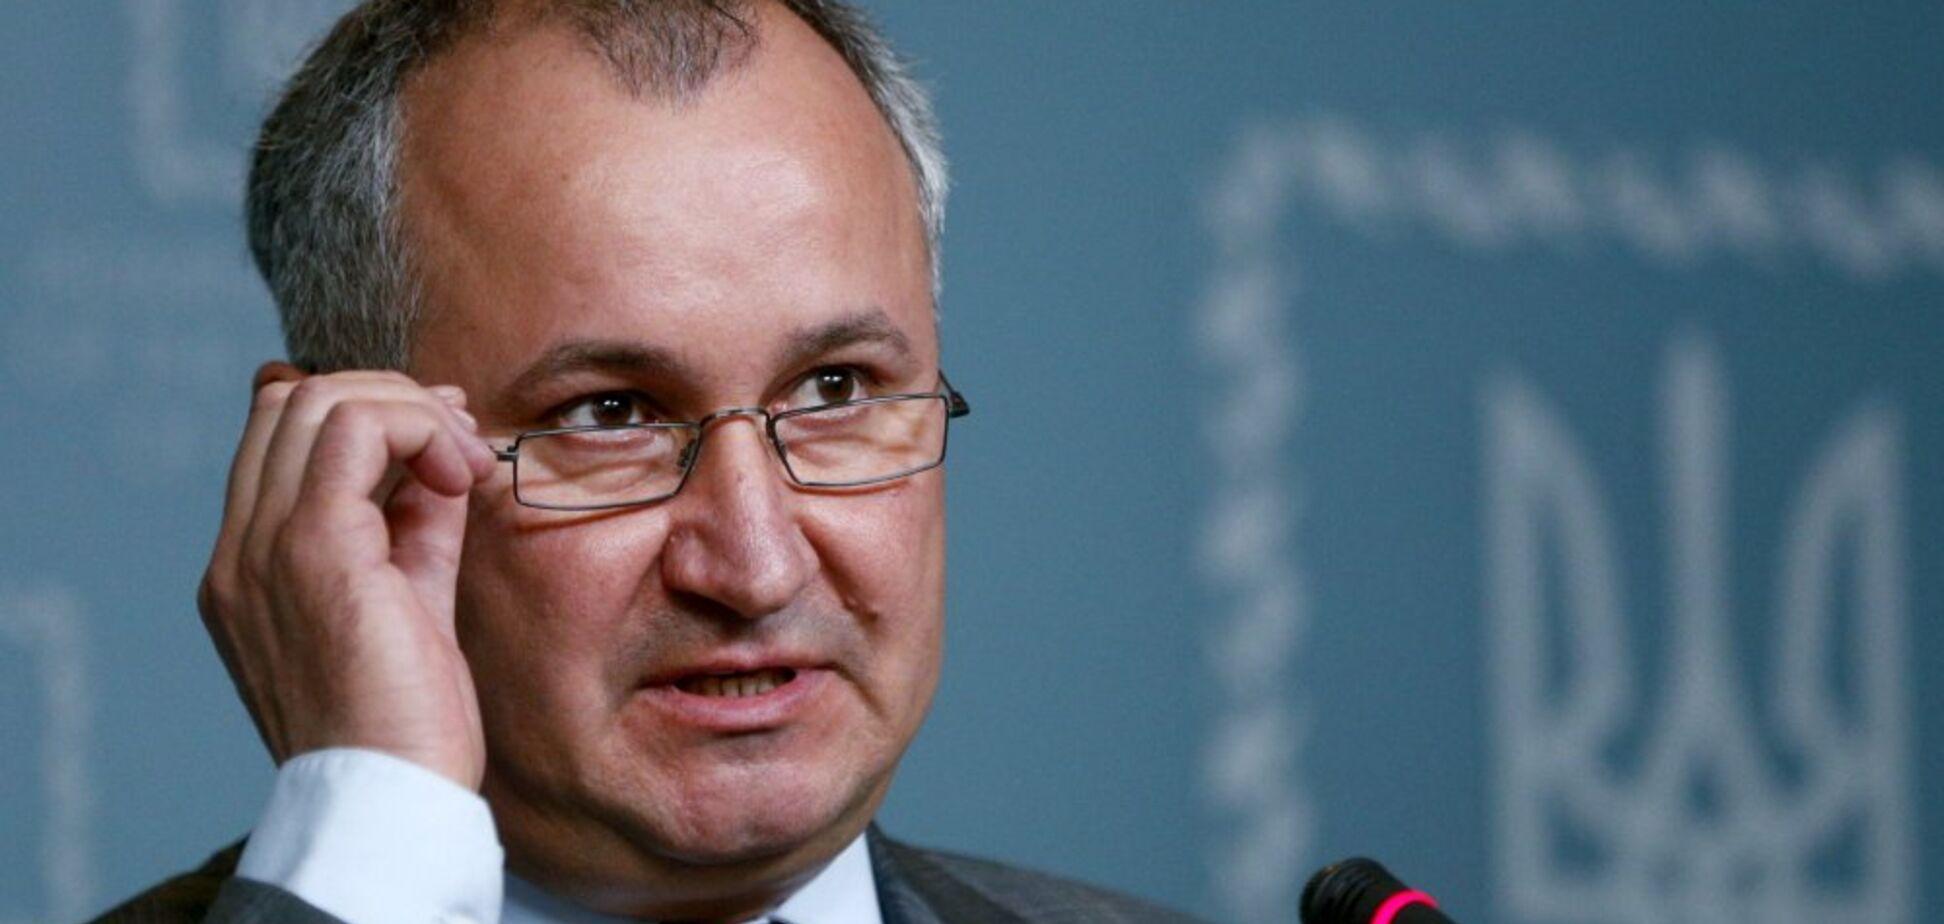 Планируют убийства госдеятелей Украины: в СБУ рассекретили планы ФСБ РФ